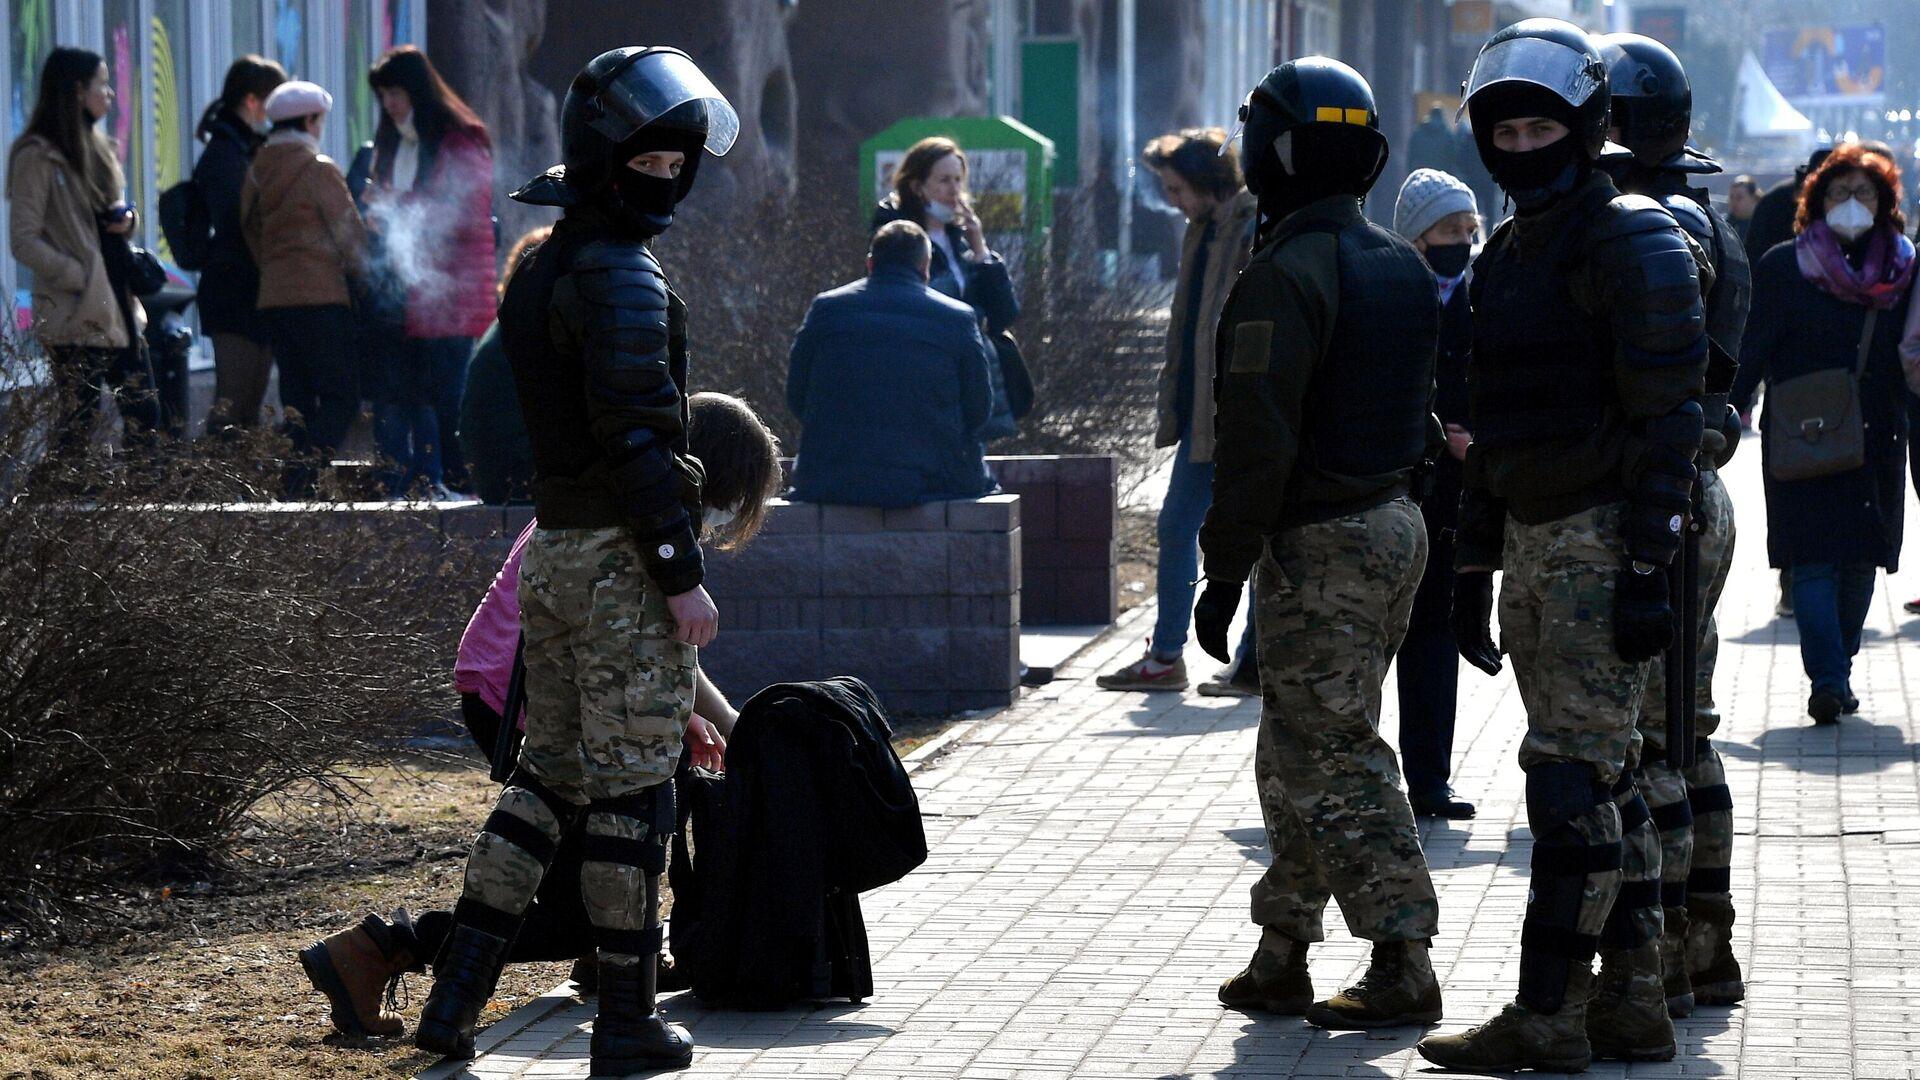 Сотрудники правоохранительных органов во время несанкционированной акции протеста в Минске - РИА Новости, 1920, 12.05.2021